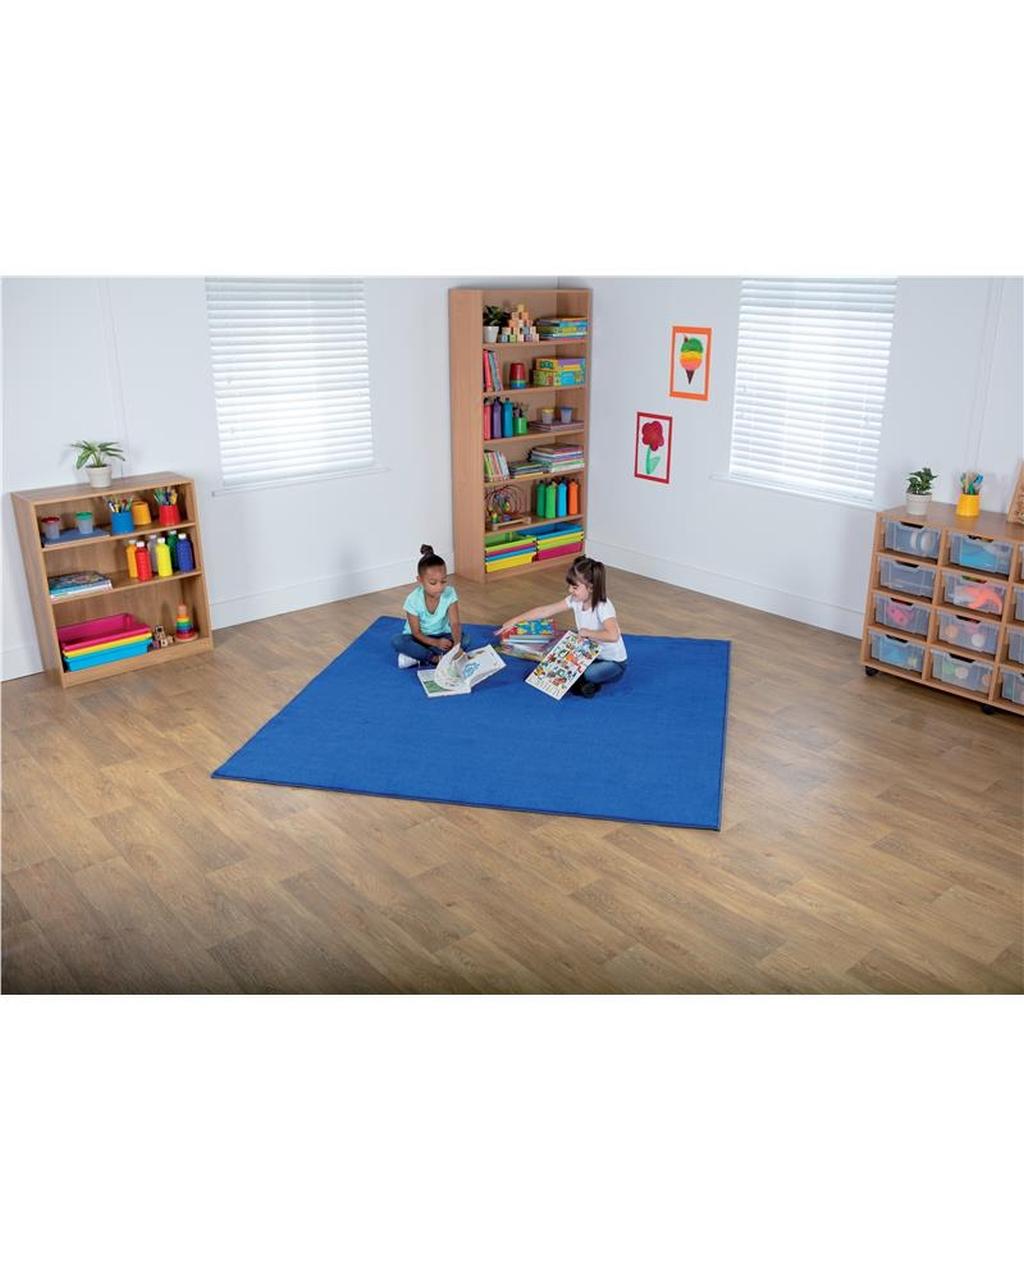 Blue Square Carpet